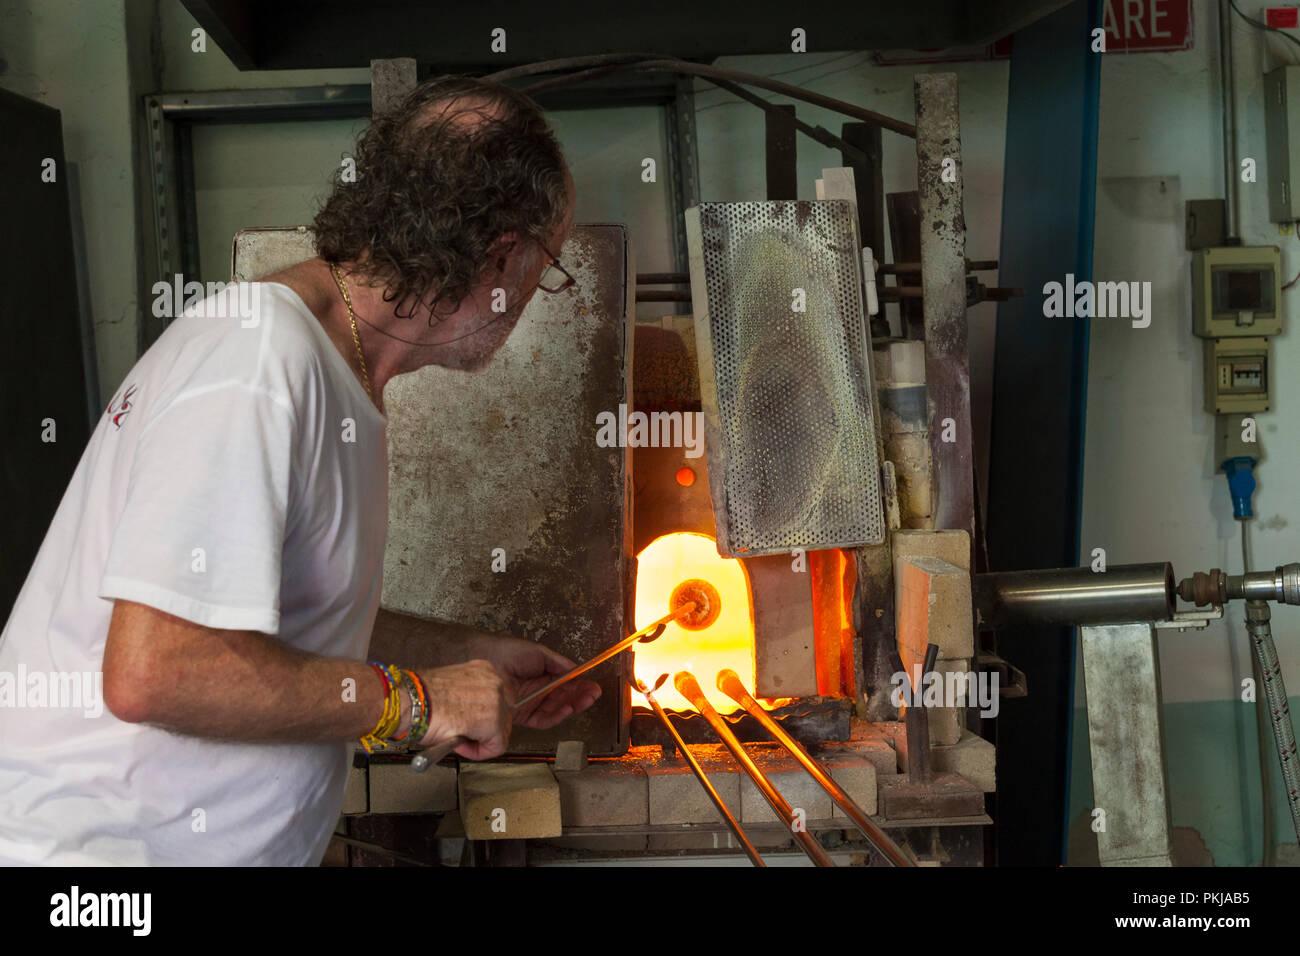 Urban Gabriele Stockfotos & Urban Gabriele Bilder - Alamy